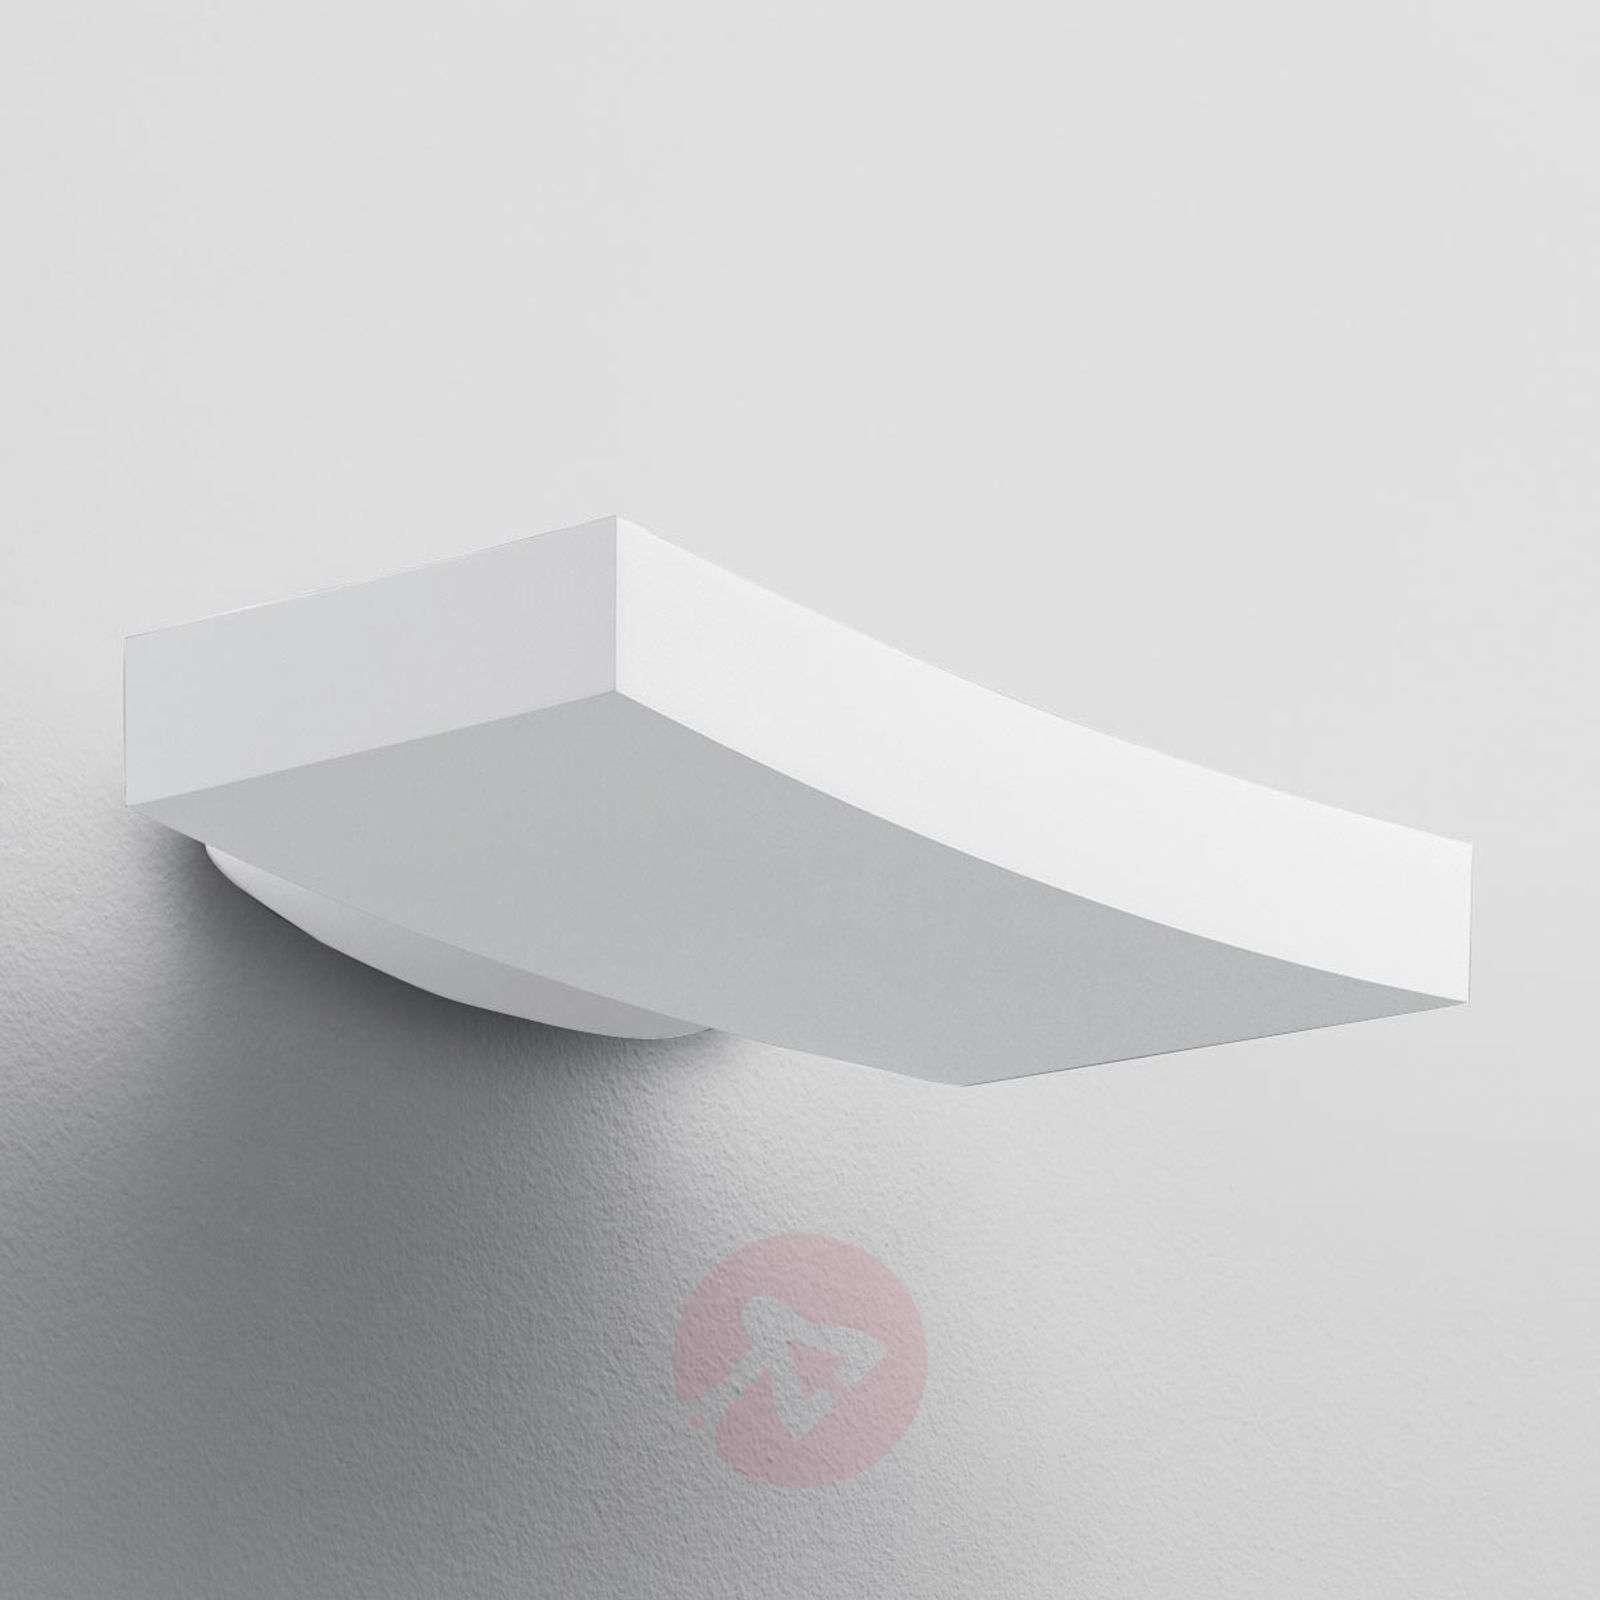 Artemide Surf 300 designer LED wall light-1061003-02